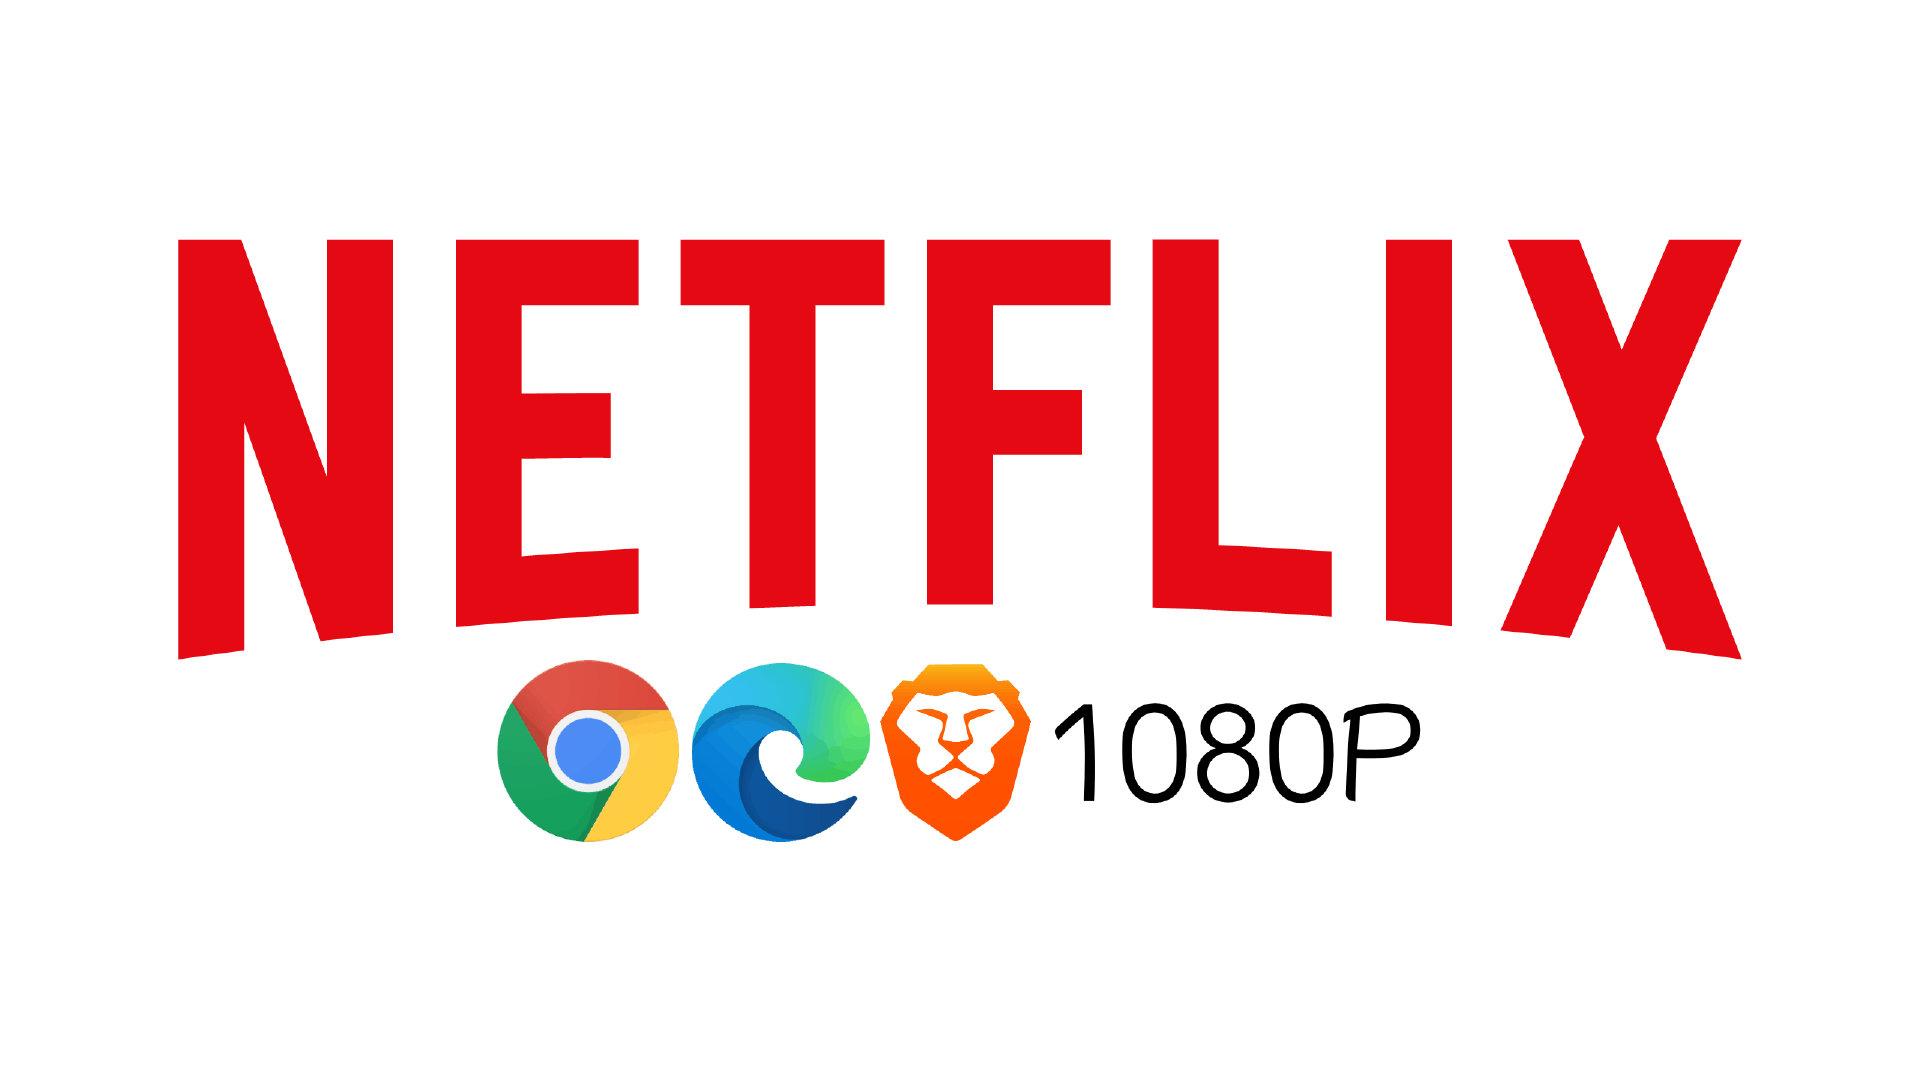 《如何在Chrome浏览器上强制观看Netflix 1080P高清画质?》